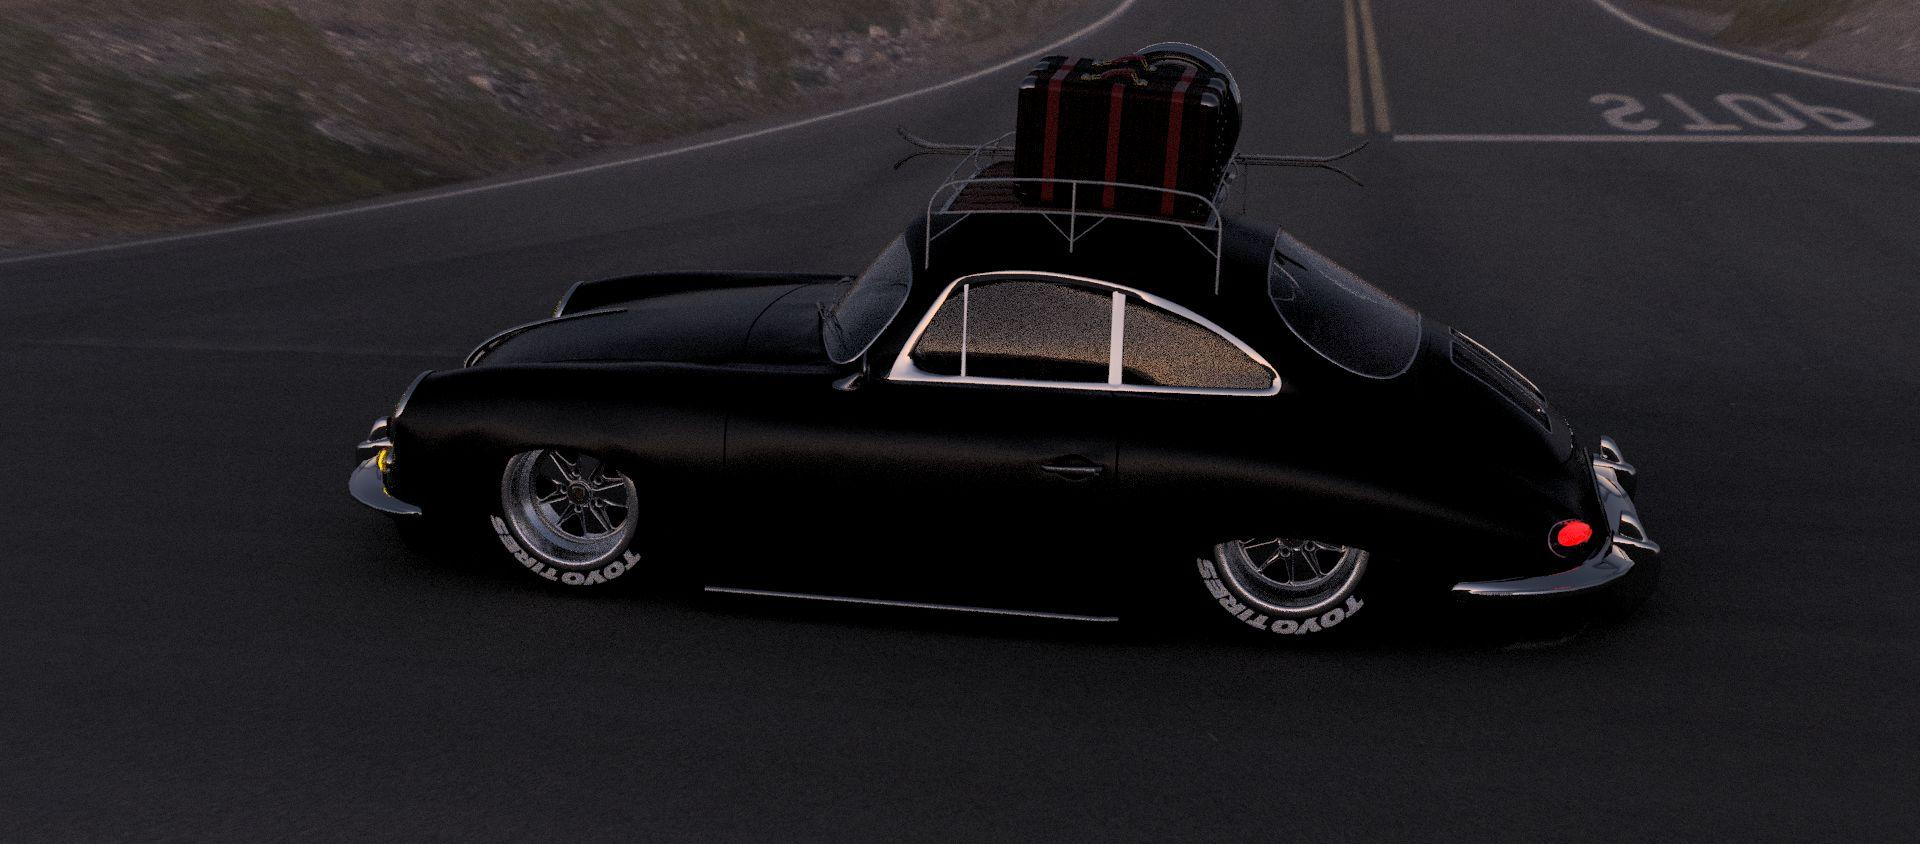 Porsche-356-c-v9-11-3500-3500